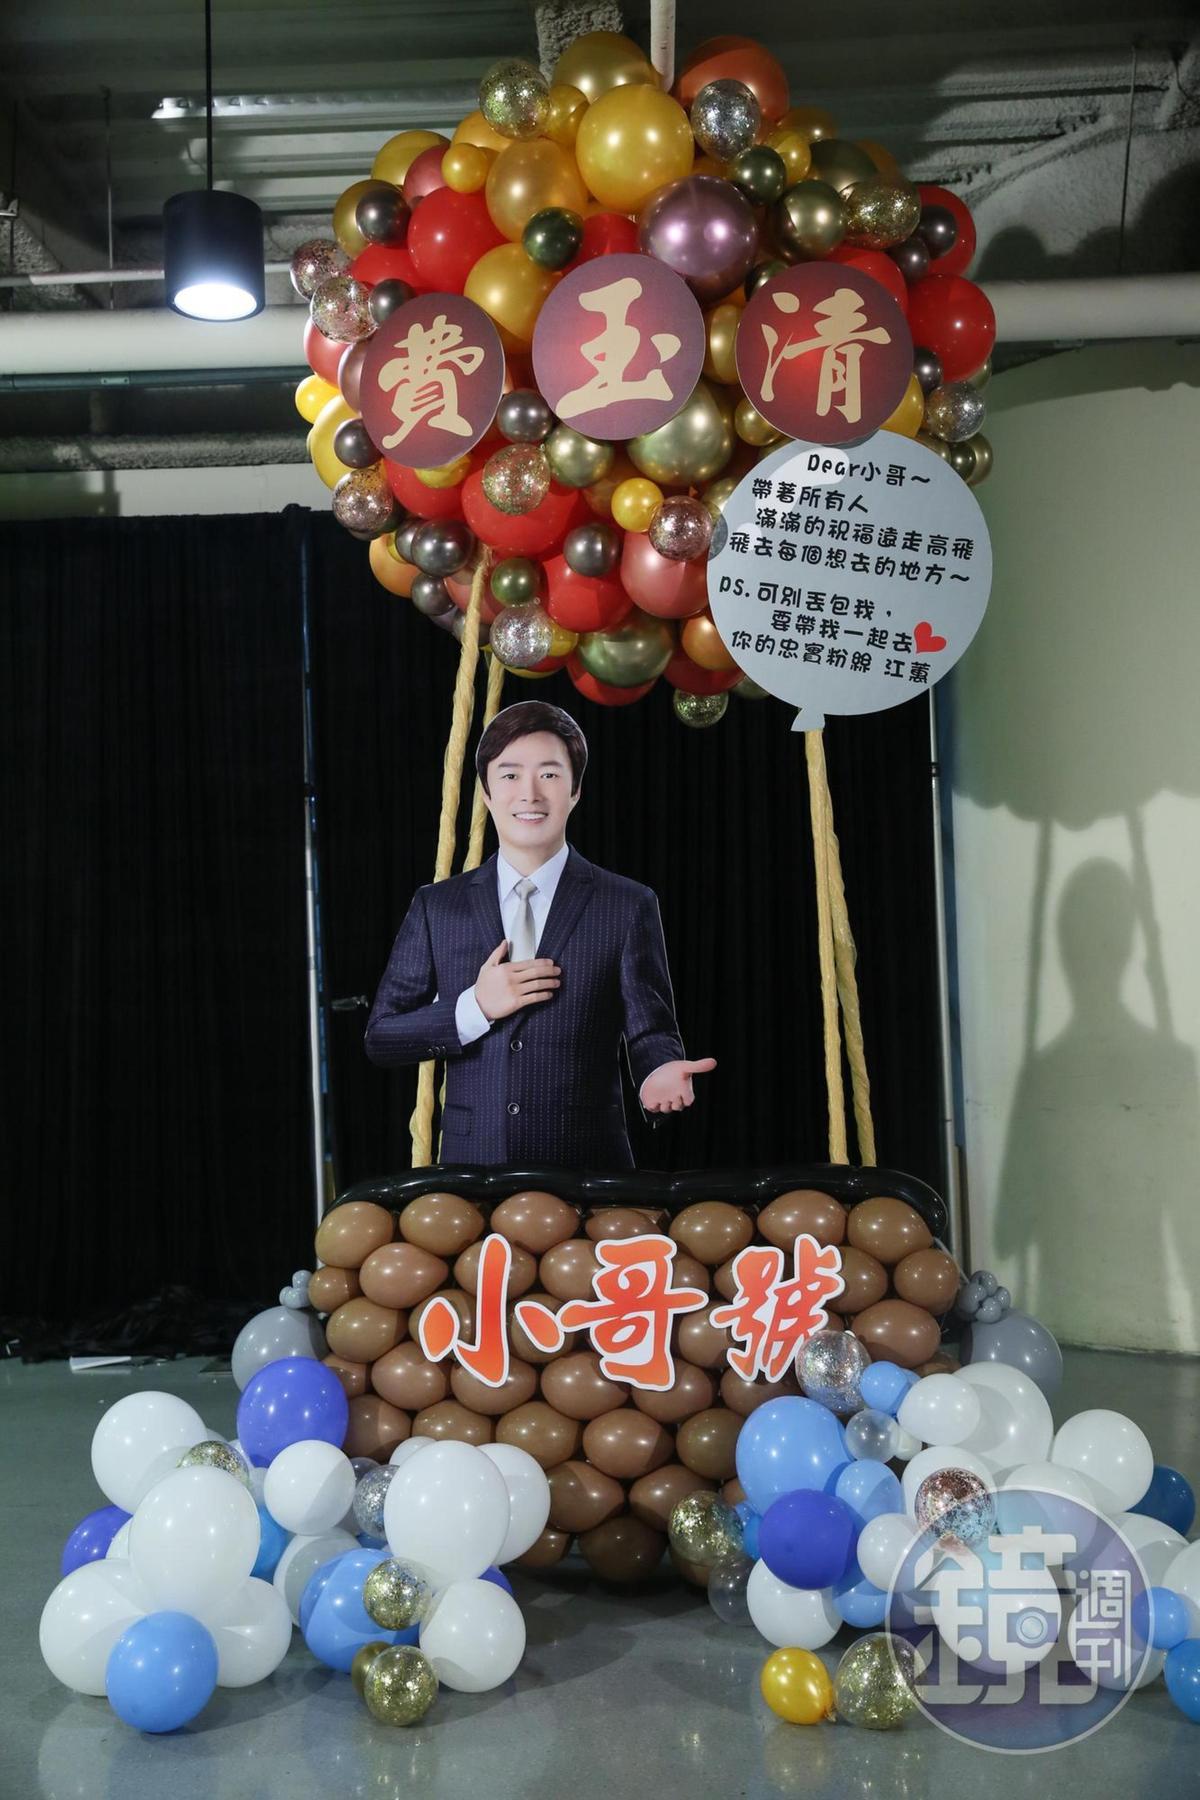 早一步封麥的好友江蕙特別打造「小哥號」熱氣球,供歌迷拍照同樂。